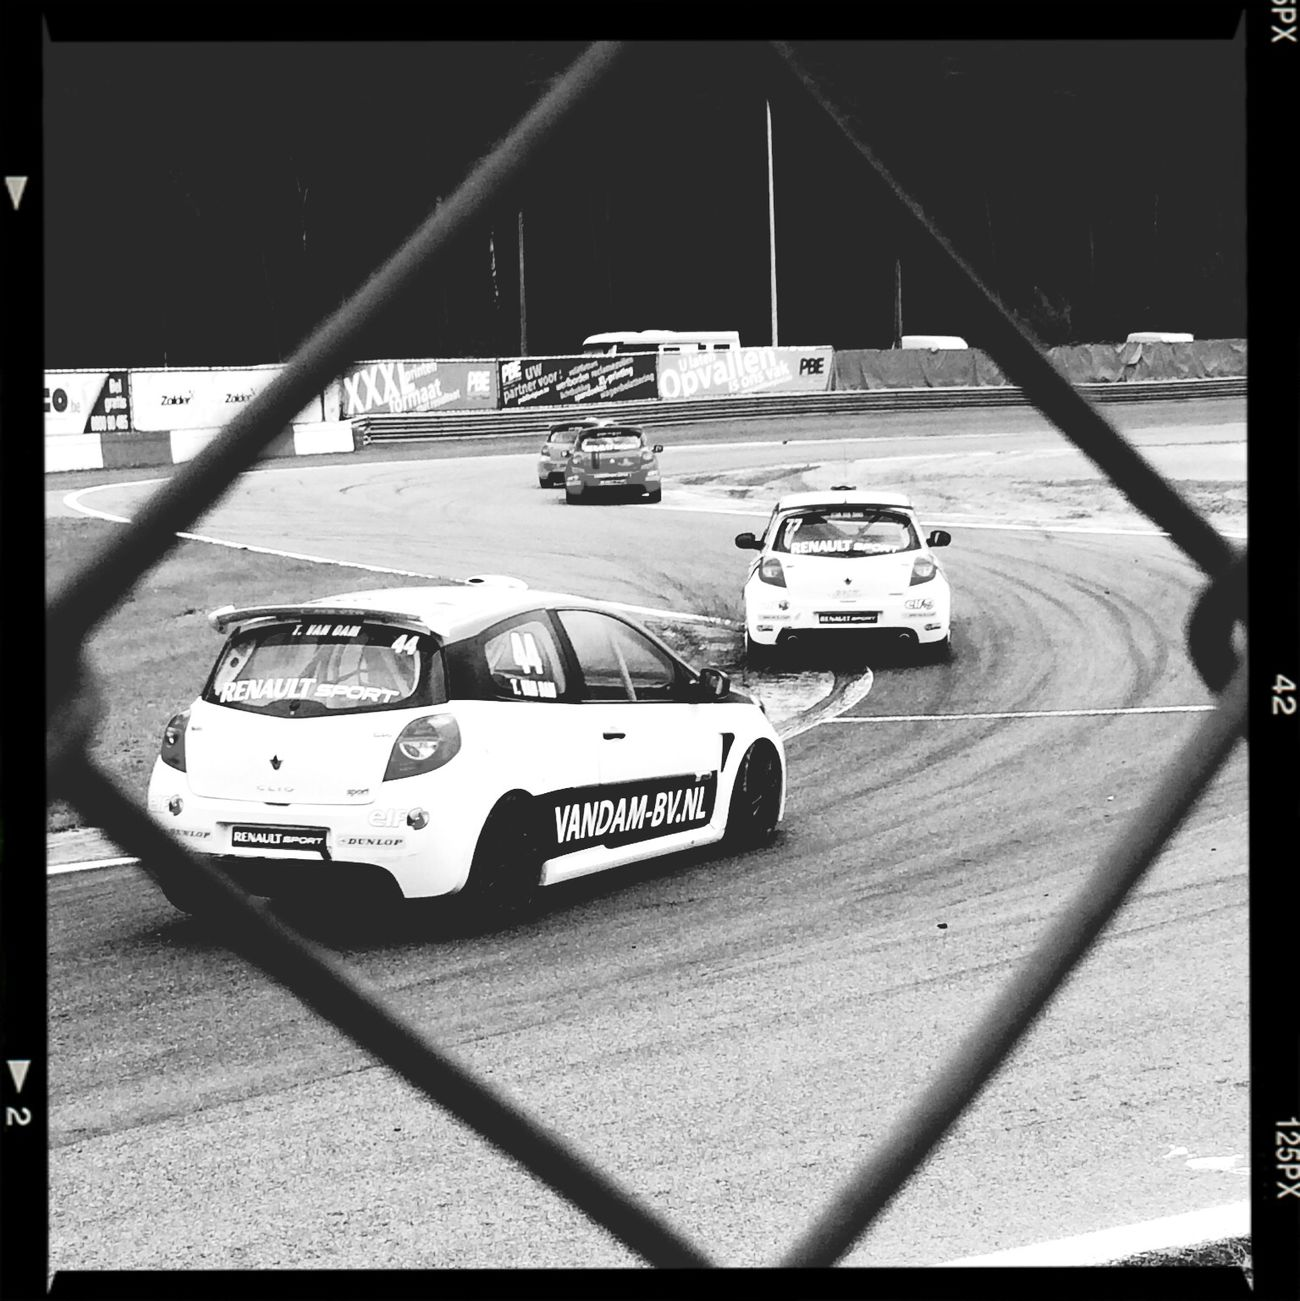 Circuit Zolder Circuit 24HoZ Blackandwhite